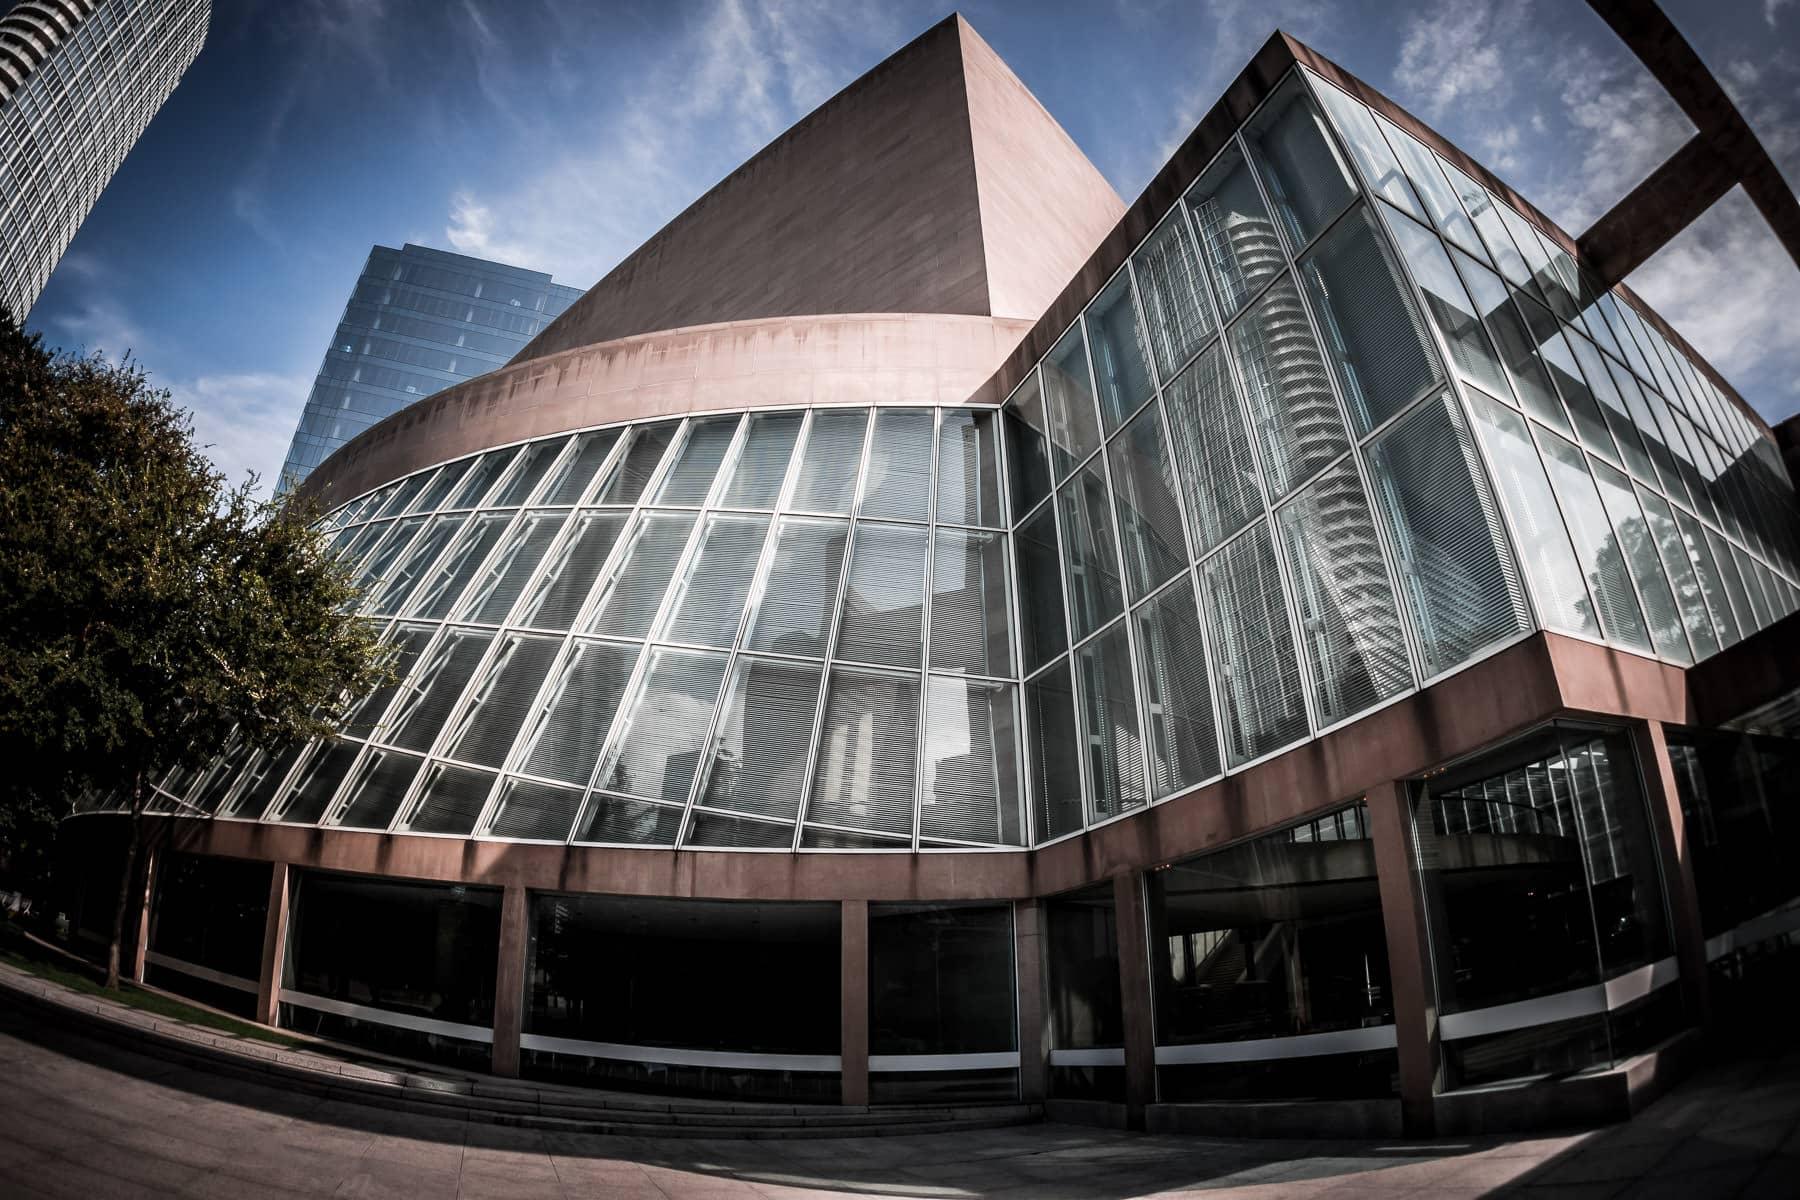 The unique architecture of I.M. Pei-designed Meyerson Symphony Center in the Dallas Arts District.